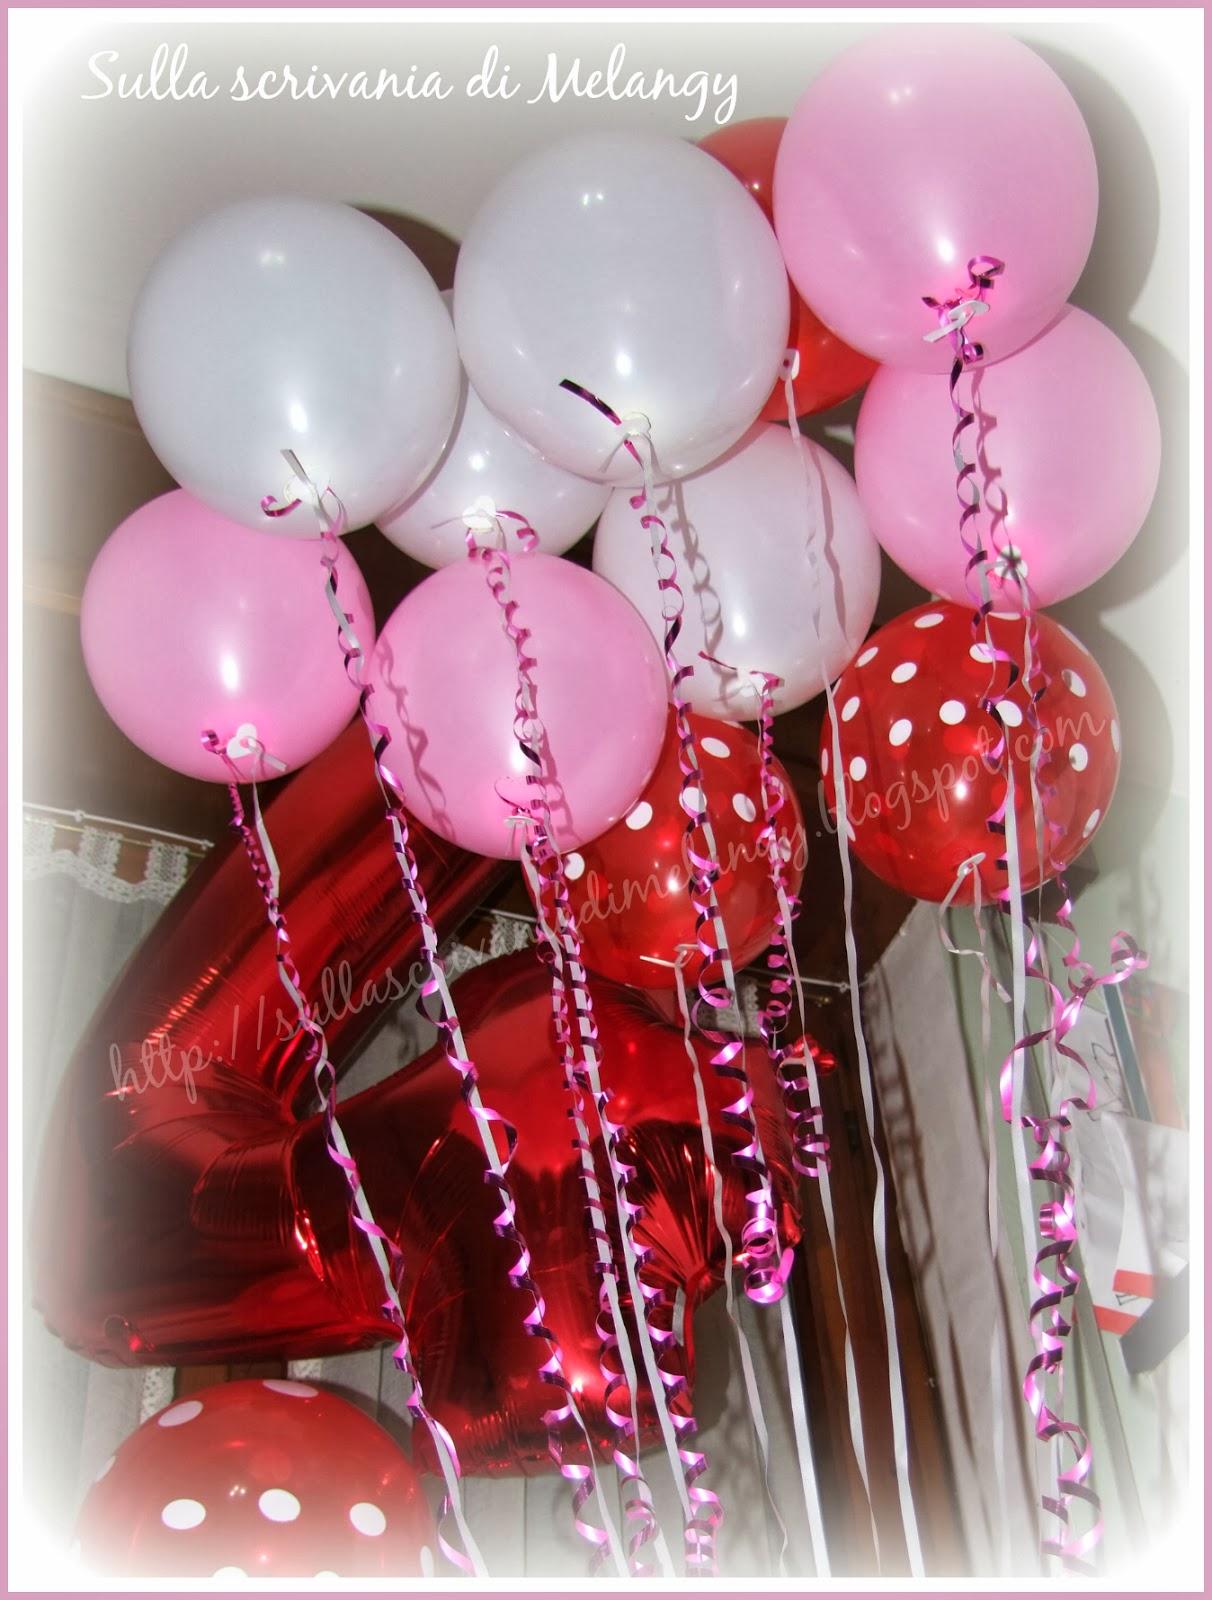 Favorito Compleanno bambini: festa a tema Minnie Mouse! | Sulla scrivania  VA33